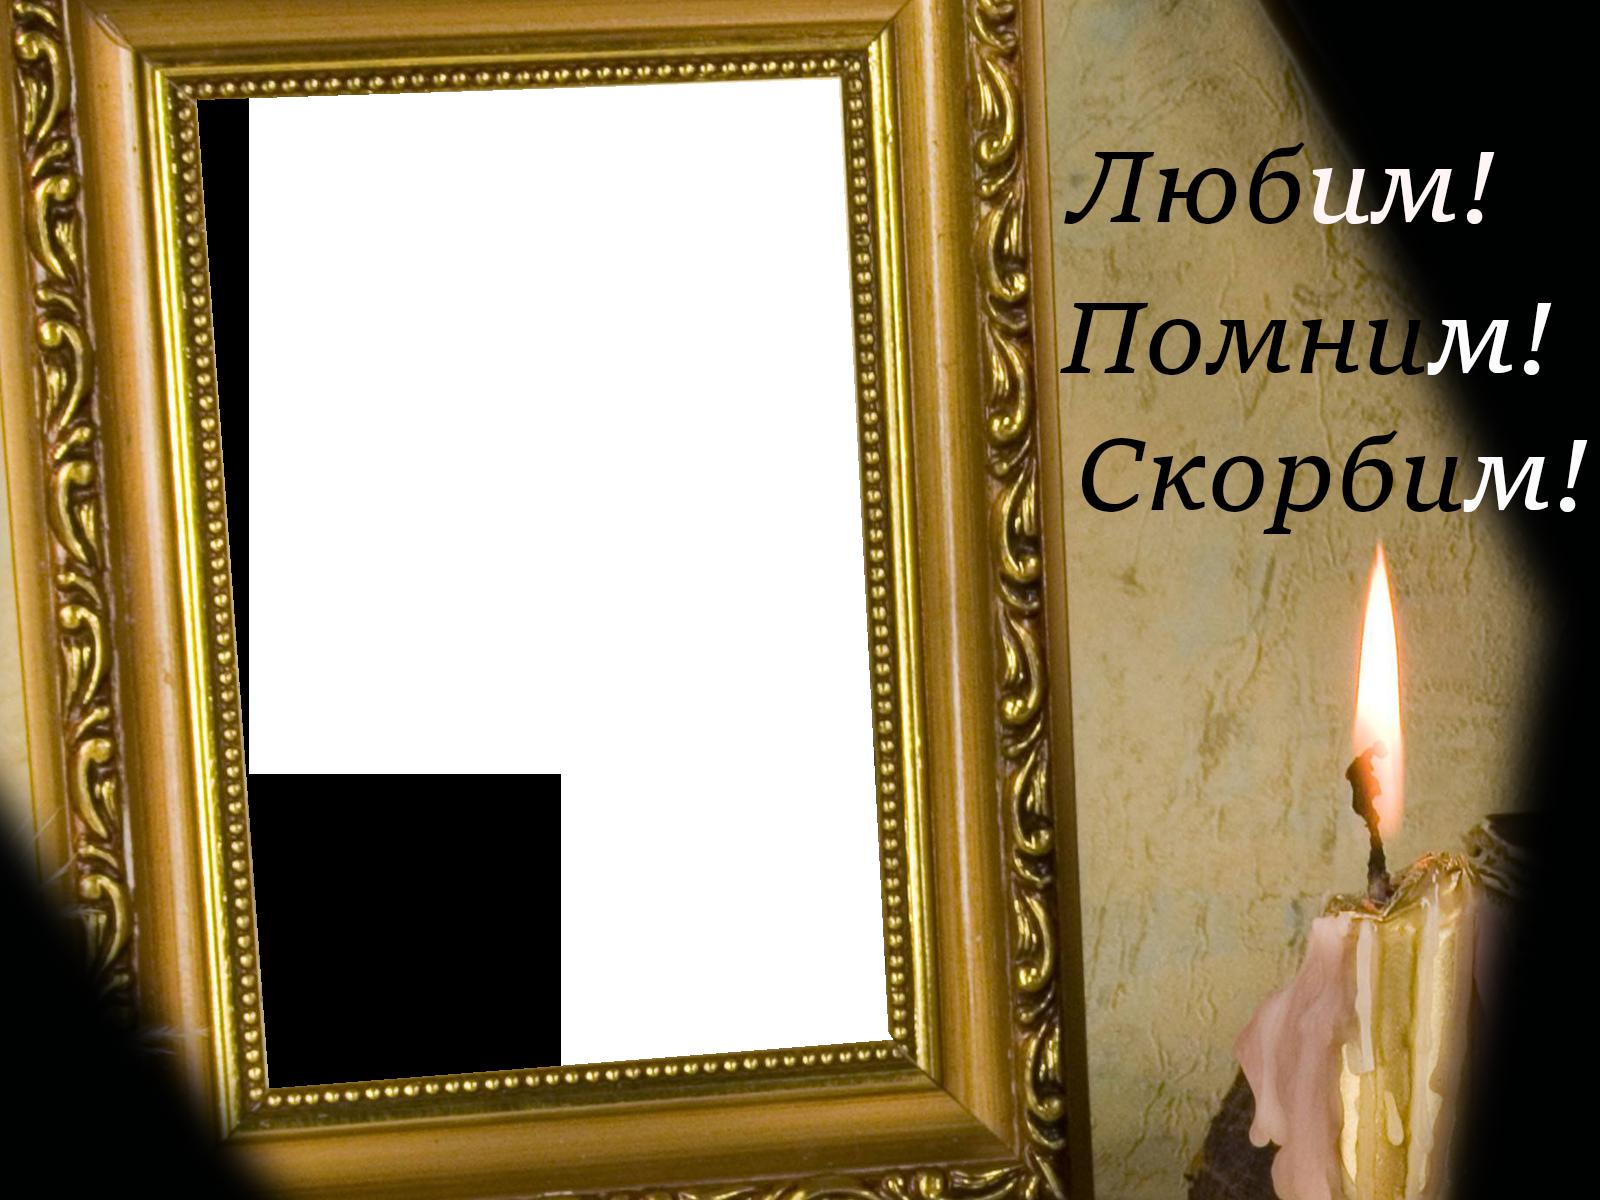 шотландские рамки траурные на фото со свечой могу одной лишь